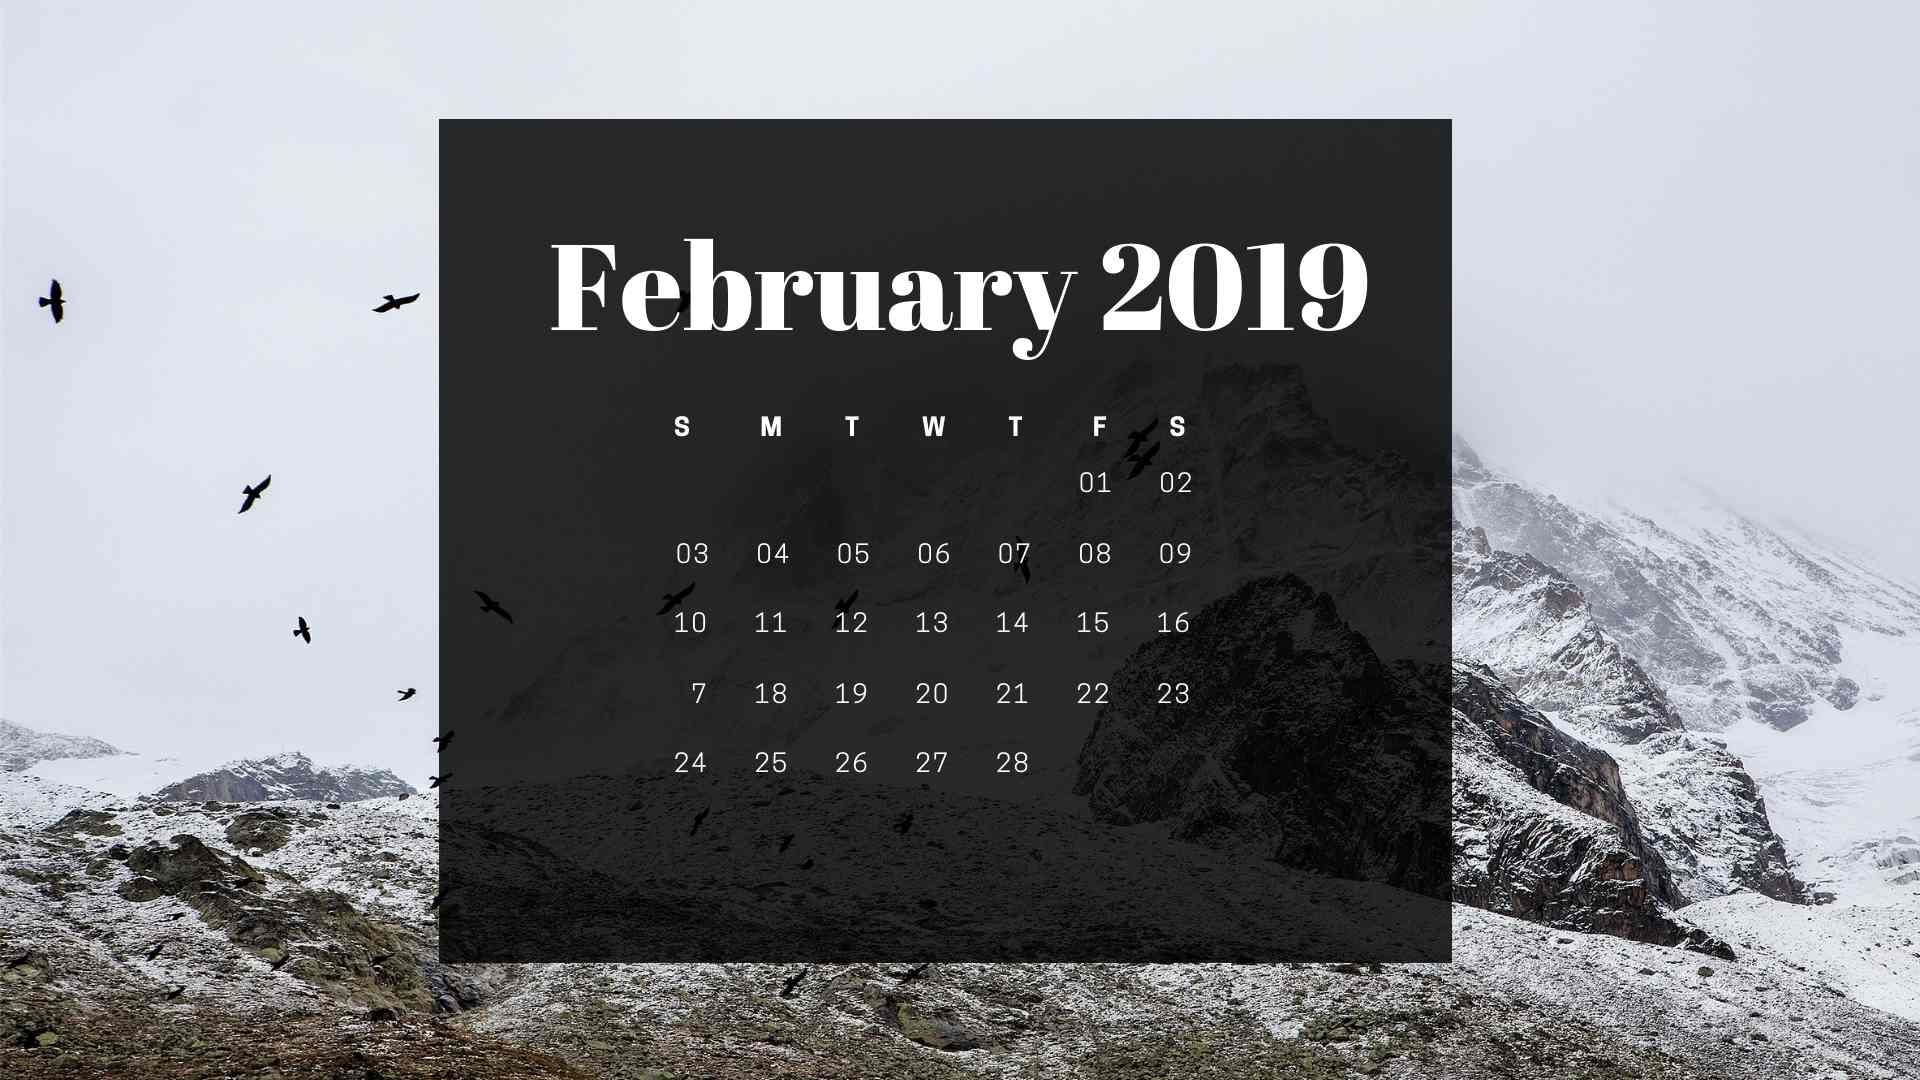 February Calendar M - F 2019 Stunning February 2019 Calendar Wallpaper Screen Saver. #Calendar